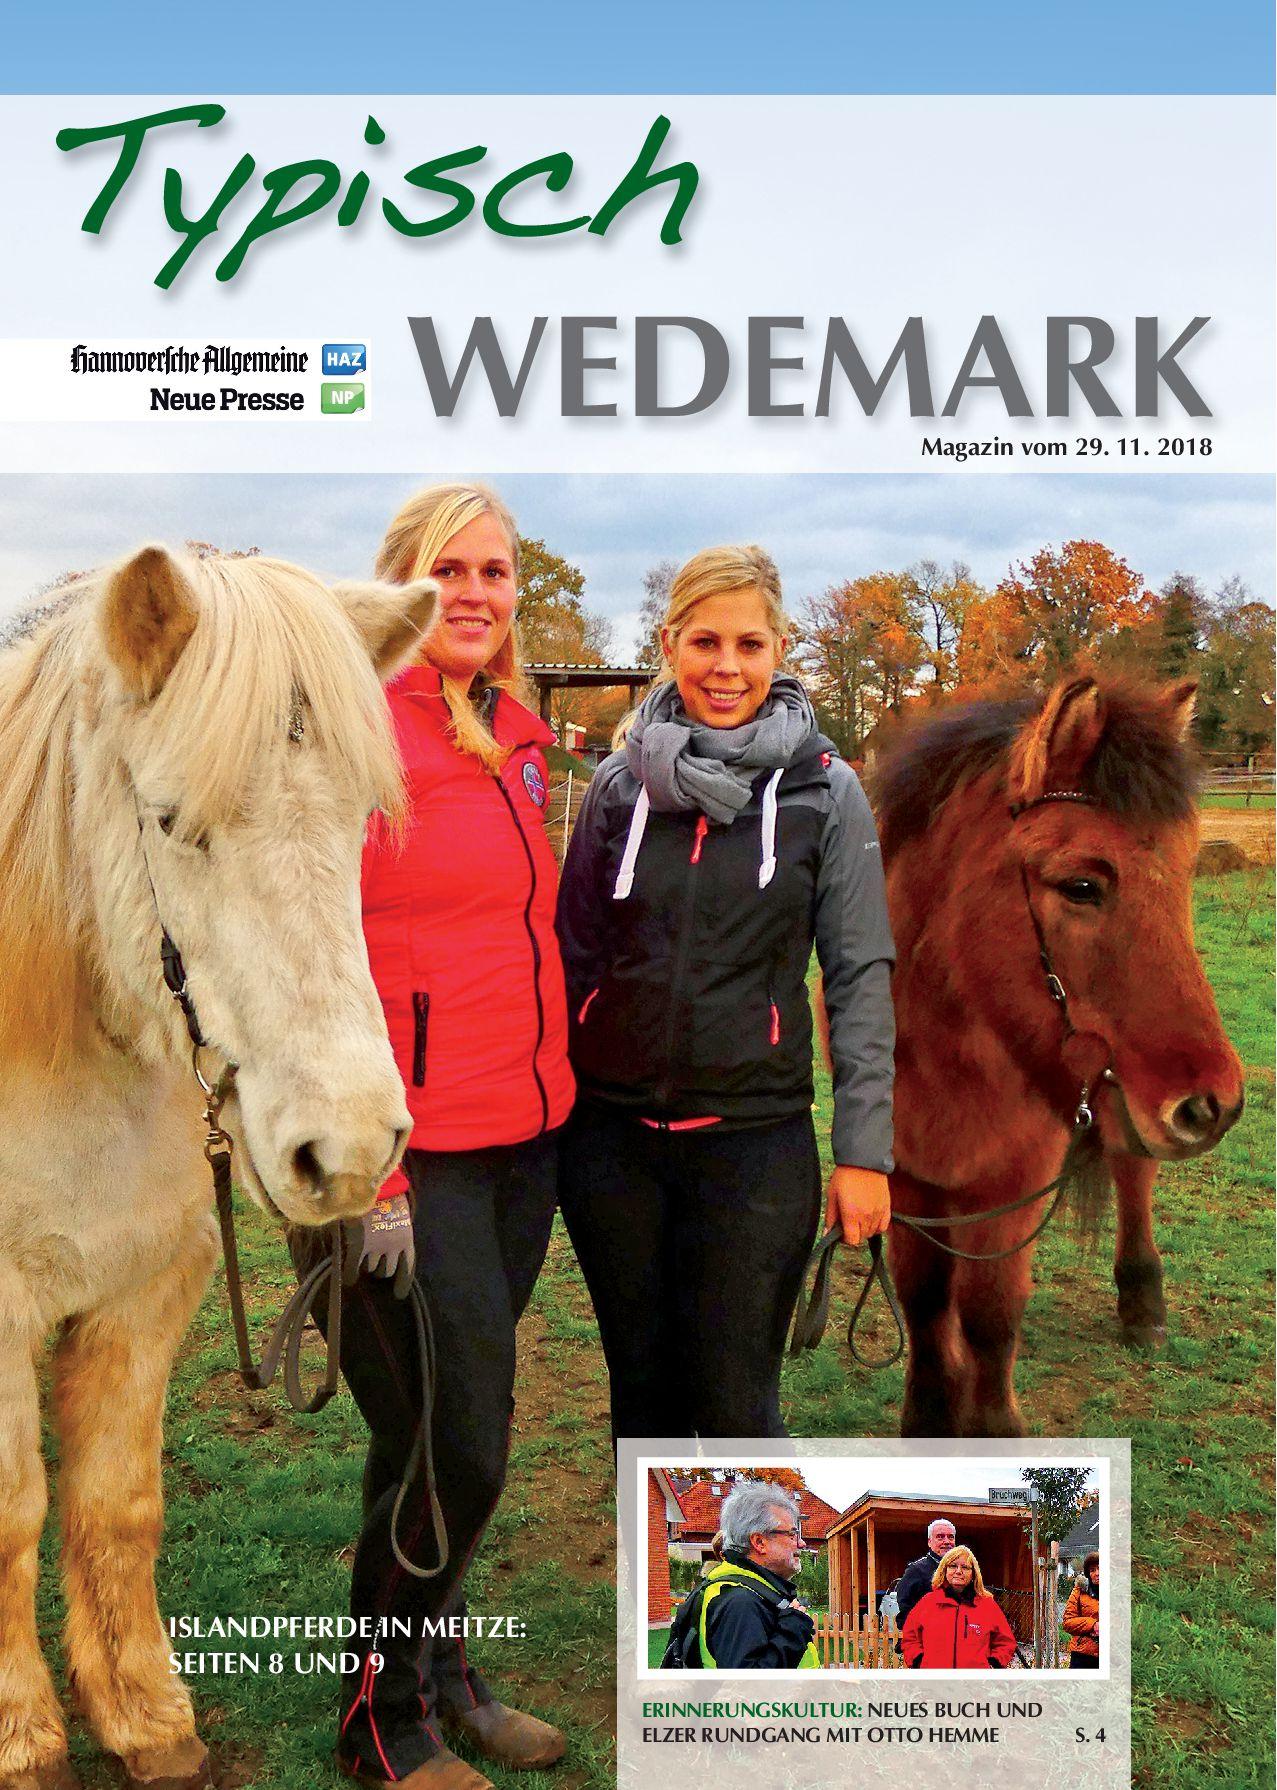 wedemark-vom-29-11-2018